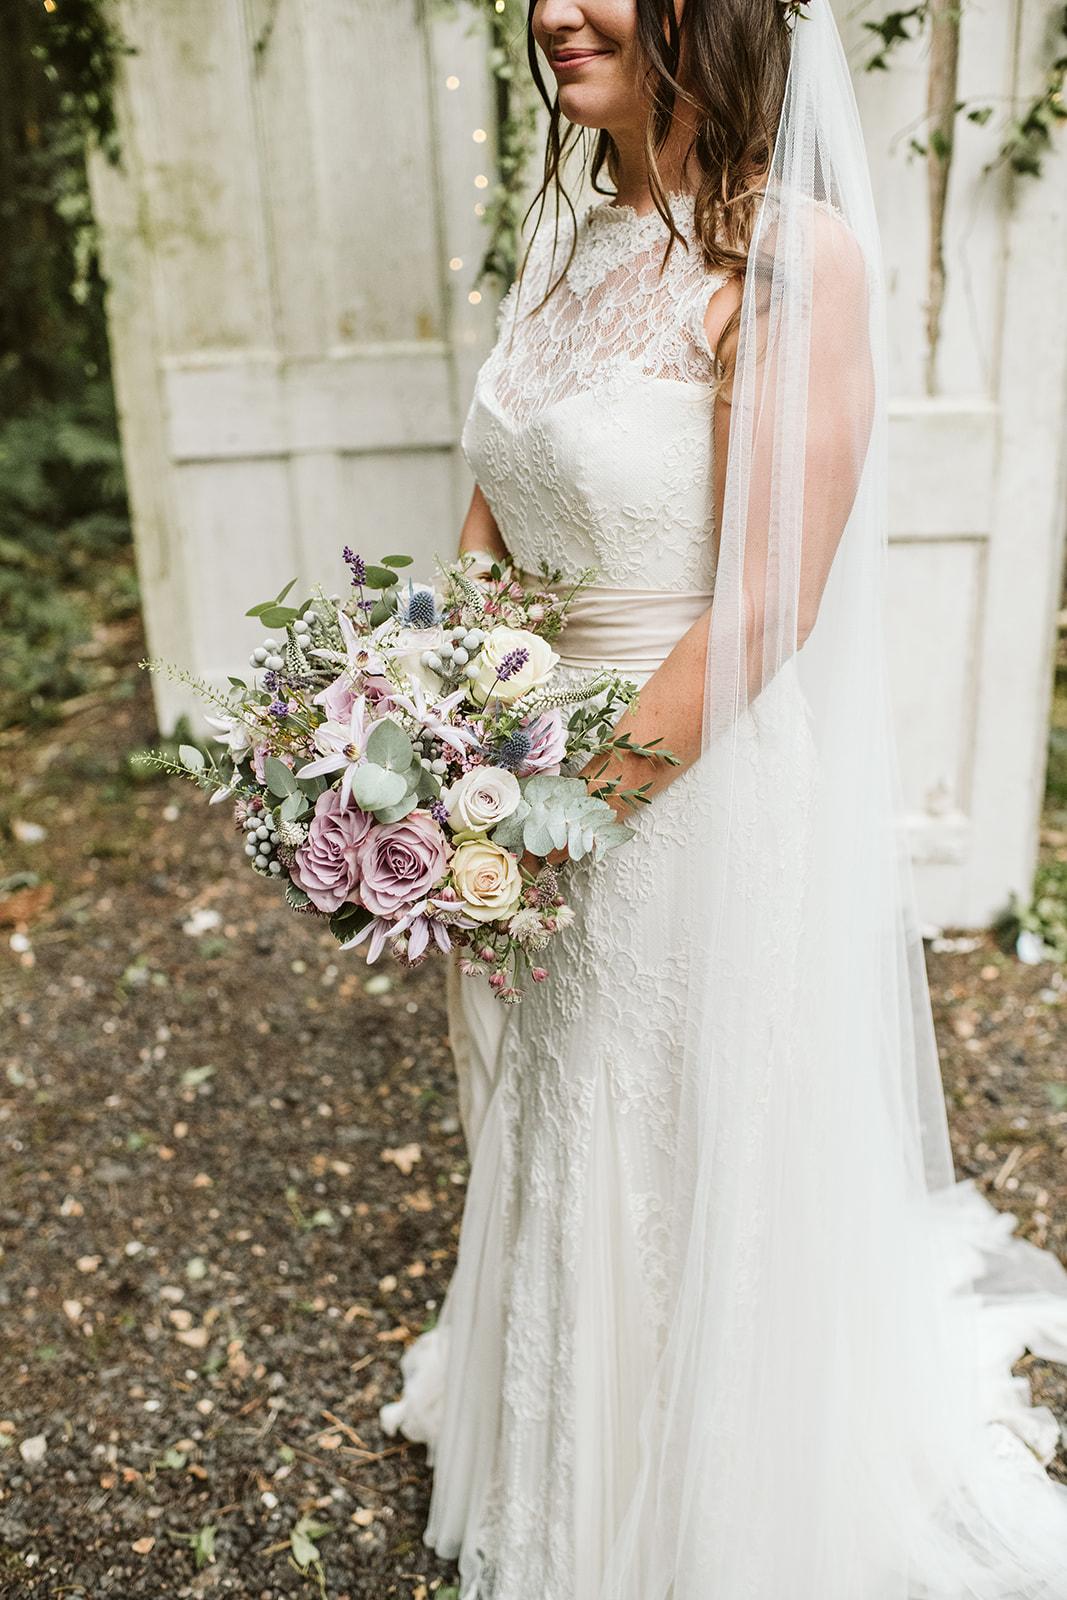 Wild, bridal wedding bouquet by boho wedding florist Velvet Rose Flower Studio in Essex